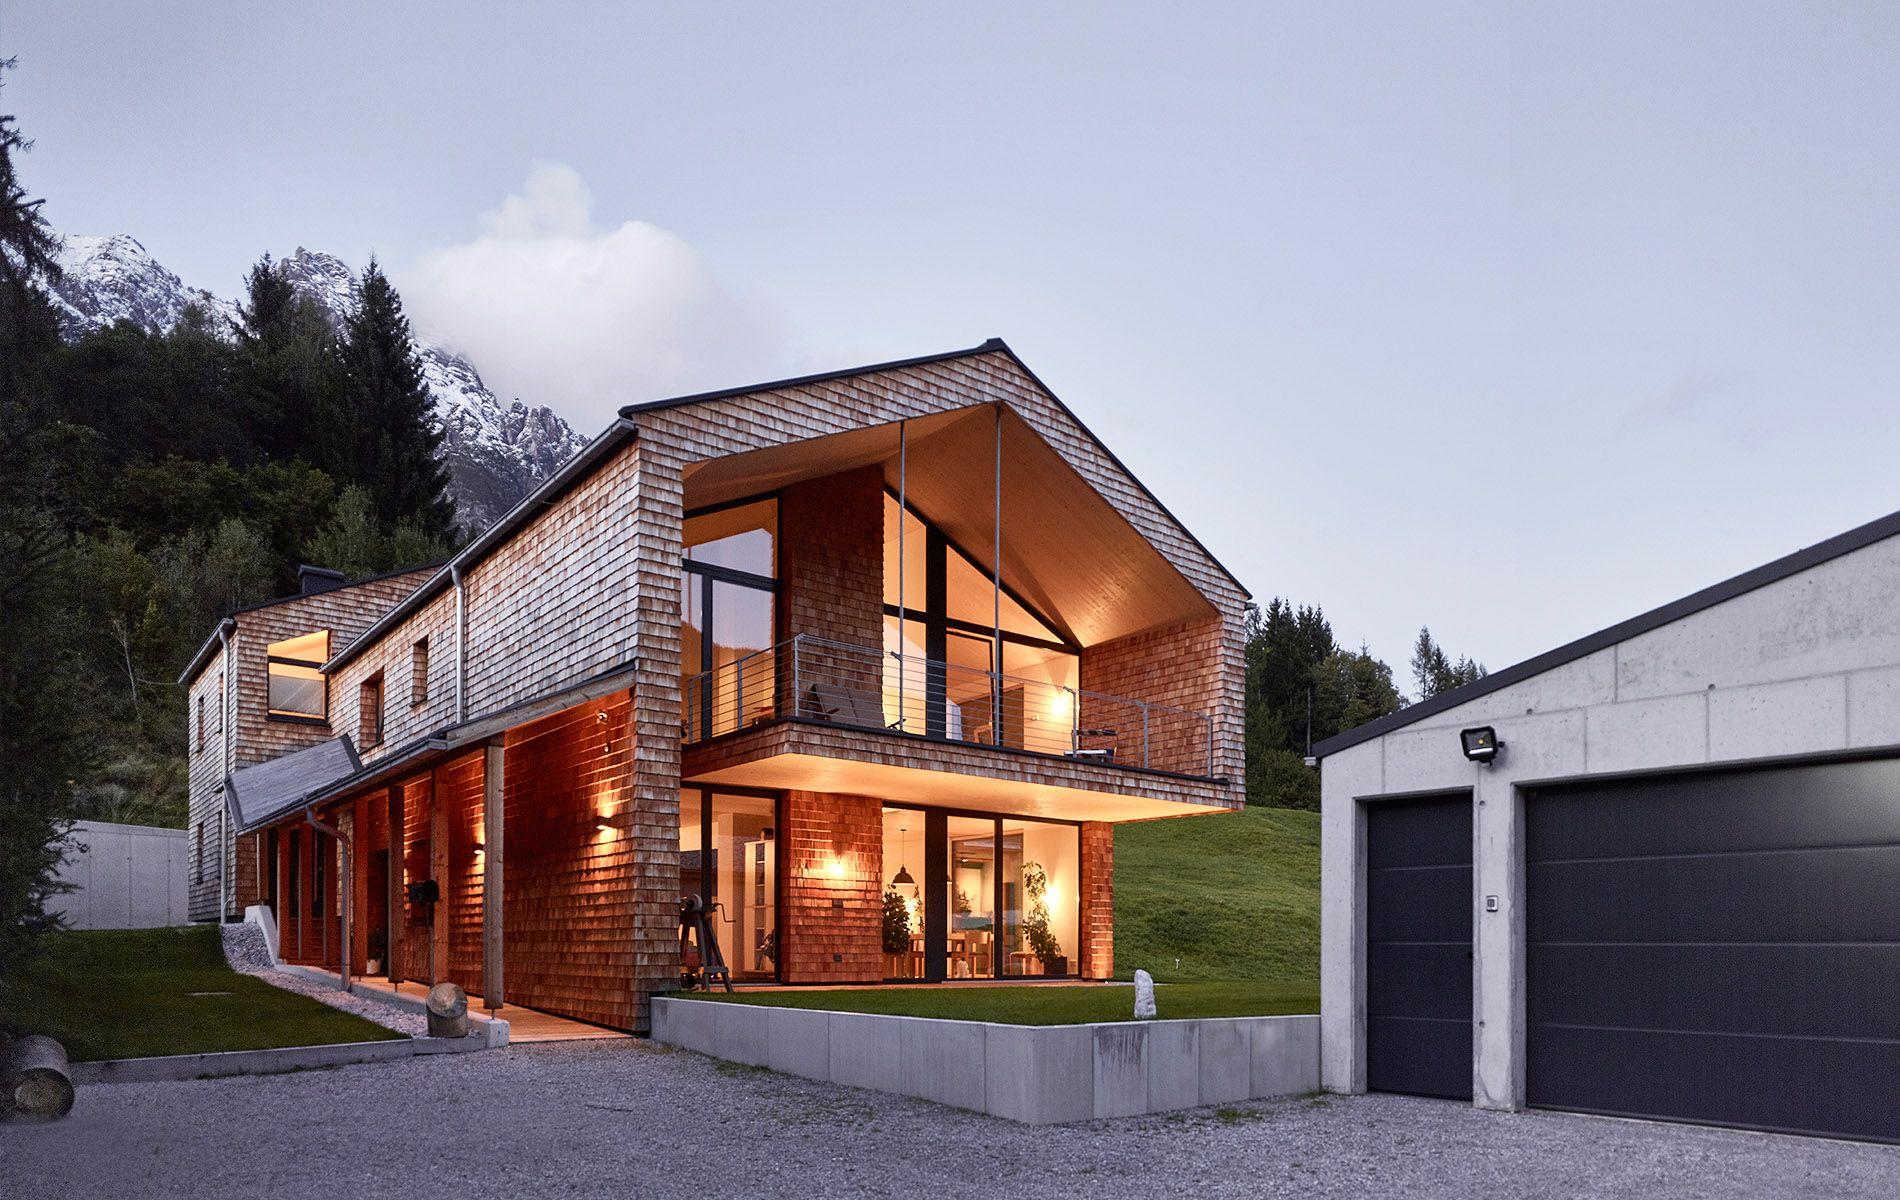 Doppelwohnhaus holzhaus modern was wir bauen - Holzhaus architektur ...